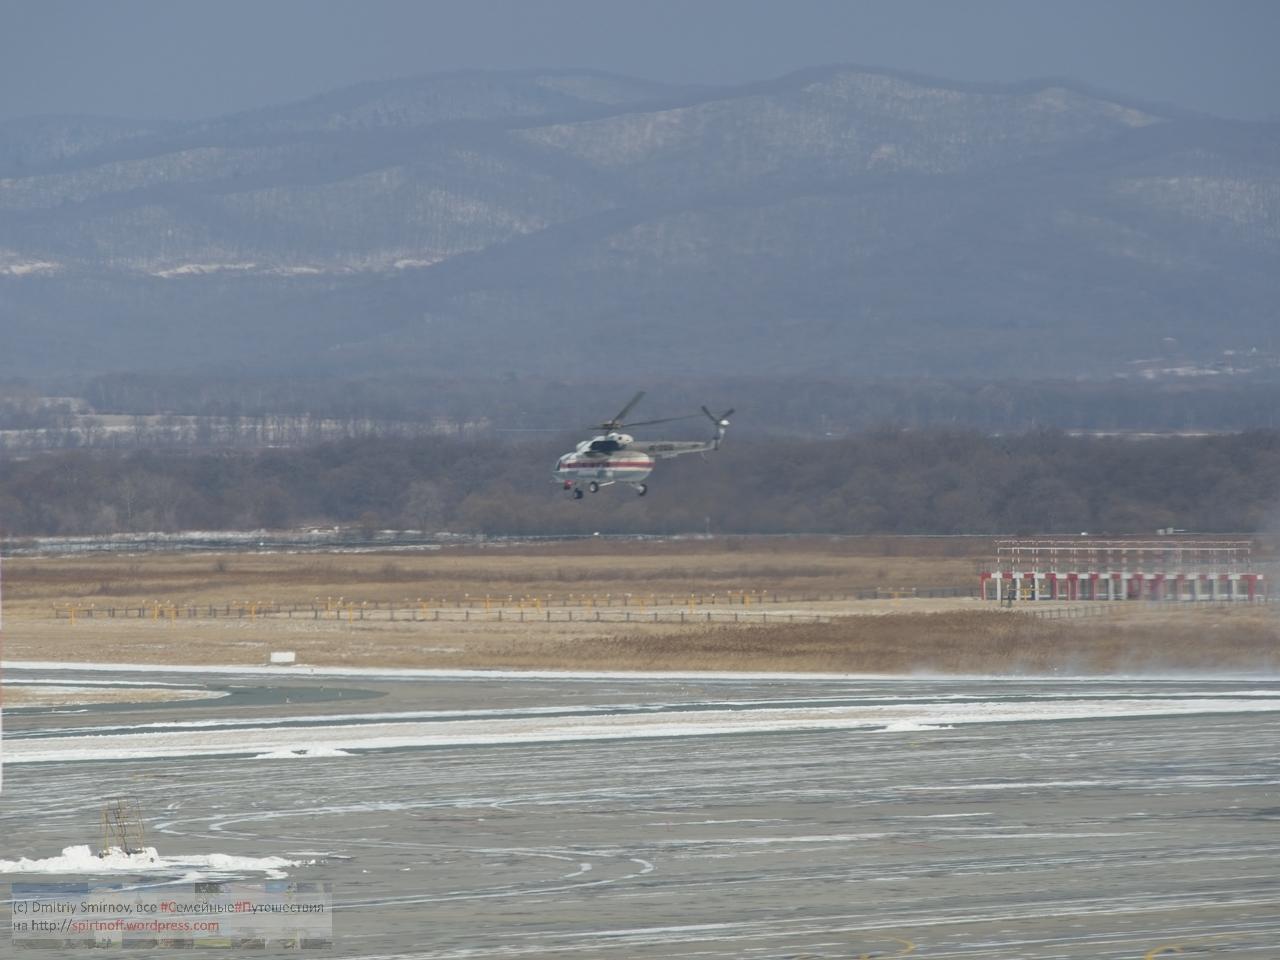 SMI23054-Blog-134 Путешествия  Владивосток. Постскриптум (Аэропорт Артем)